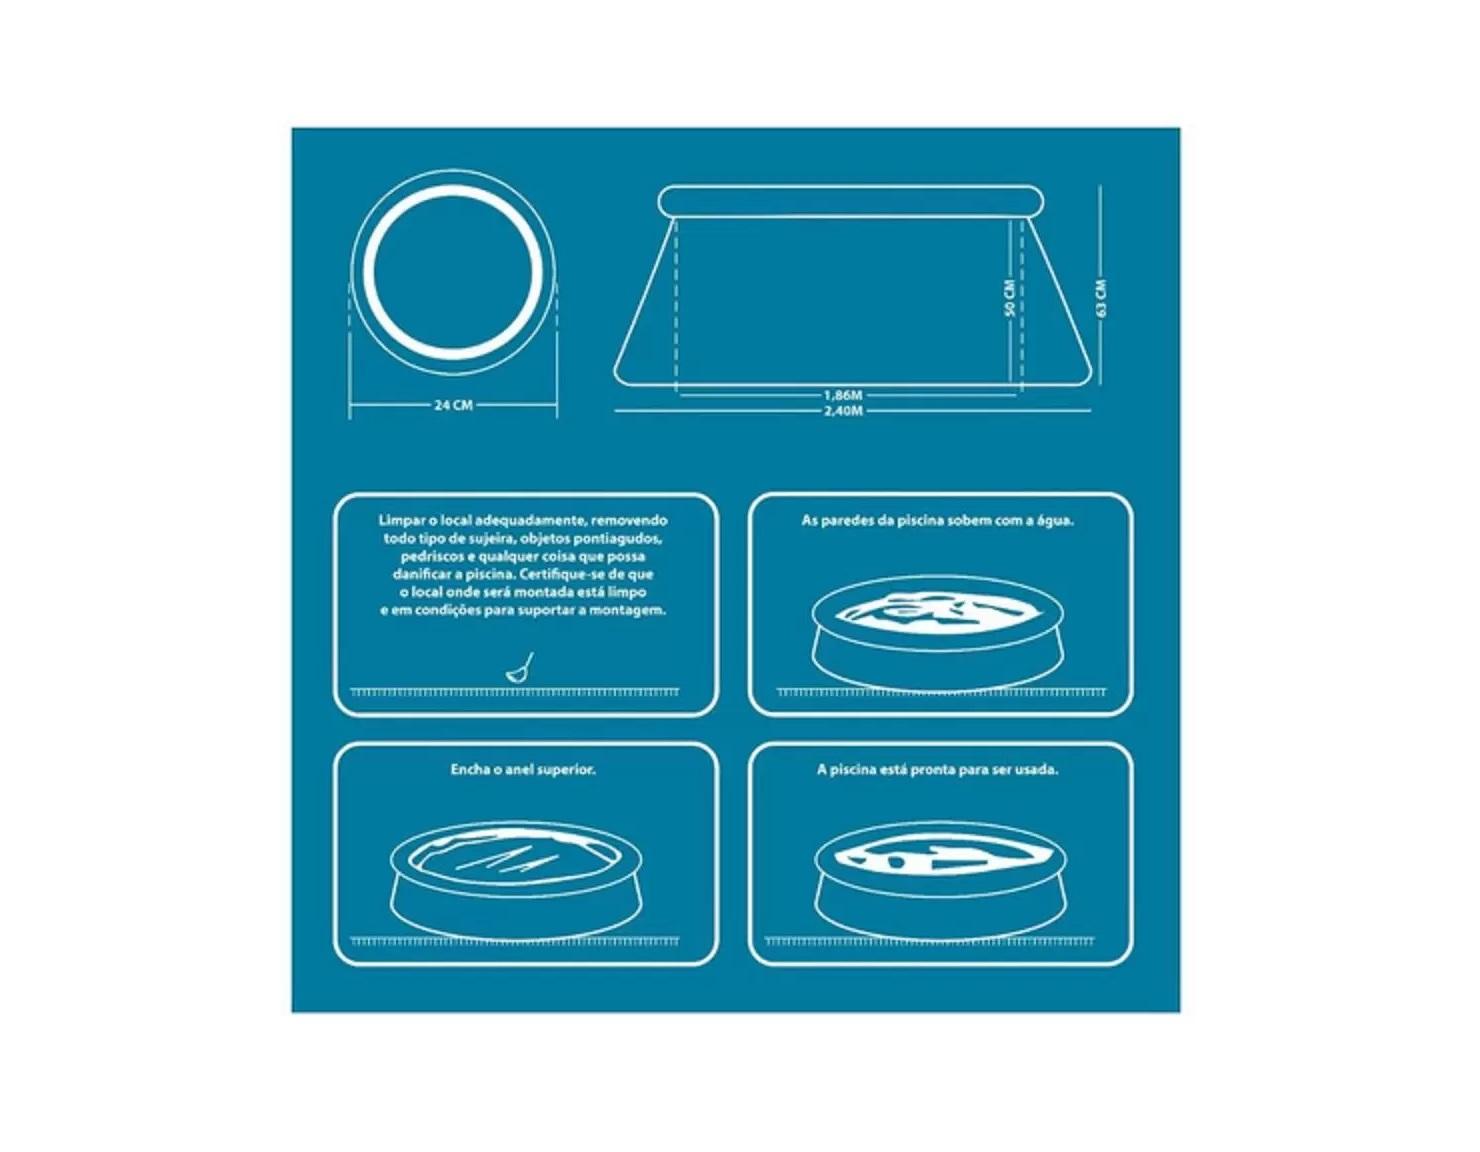 Piscina inflável pvc circular portátil 2500 litros ES304 Acqua Atrio  - Mix Eletro